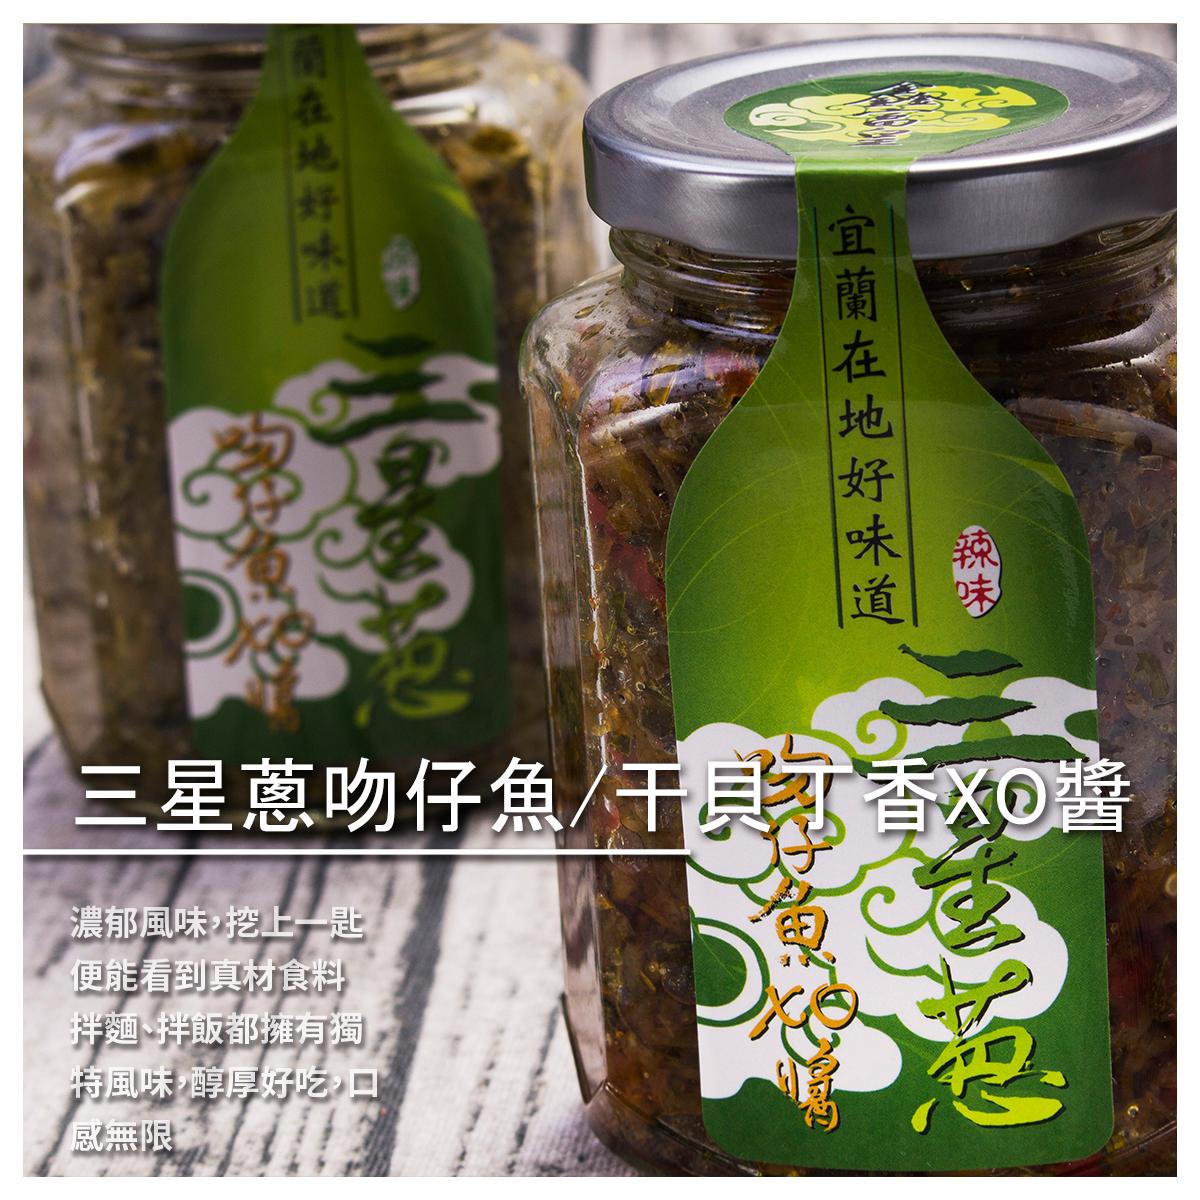 【蔥仔寮體驗農場】三星蔥吻仔魚xo 醬/三星蔥干貝丁香XO醬/罐